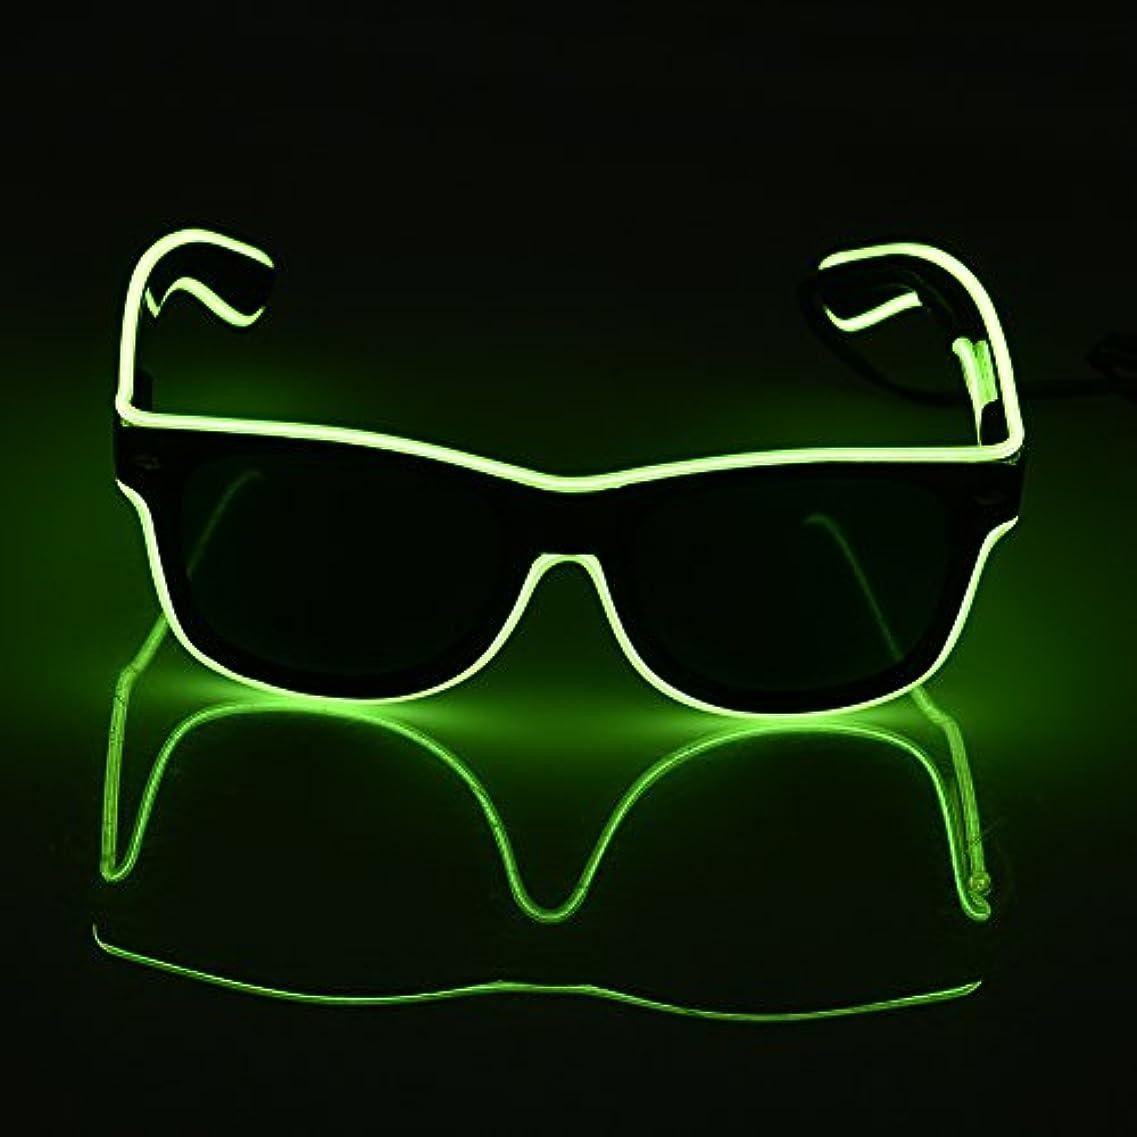 SUND led メガネLED 光るサングラス 光るメガネ コスプレ コスチューム 衣装 おもしろ パーティーグッズ 2色